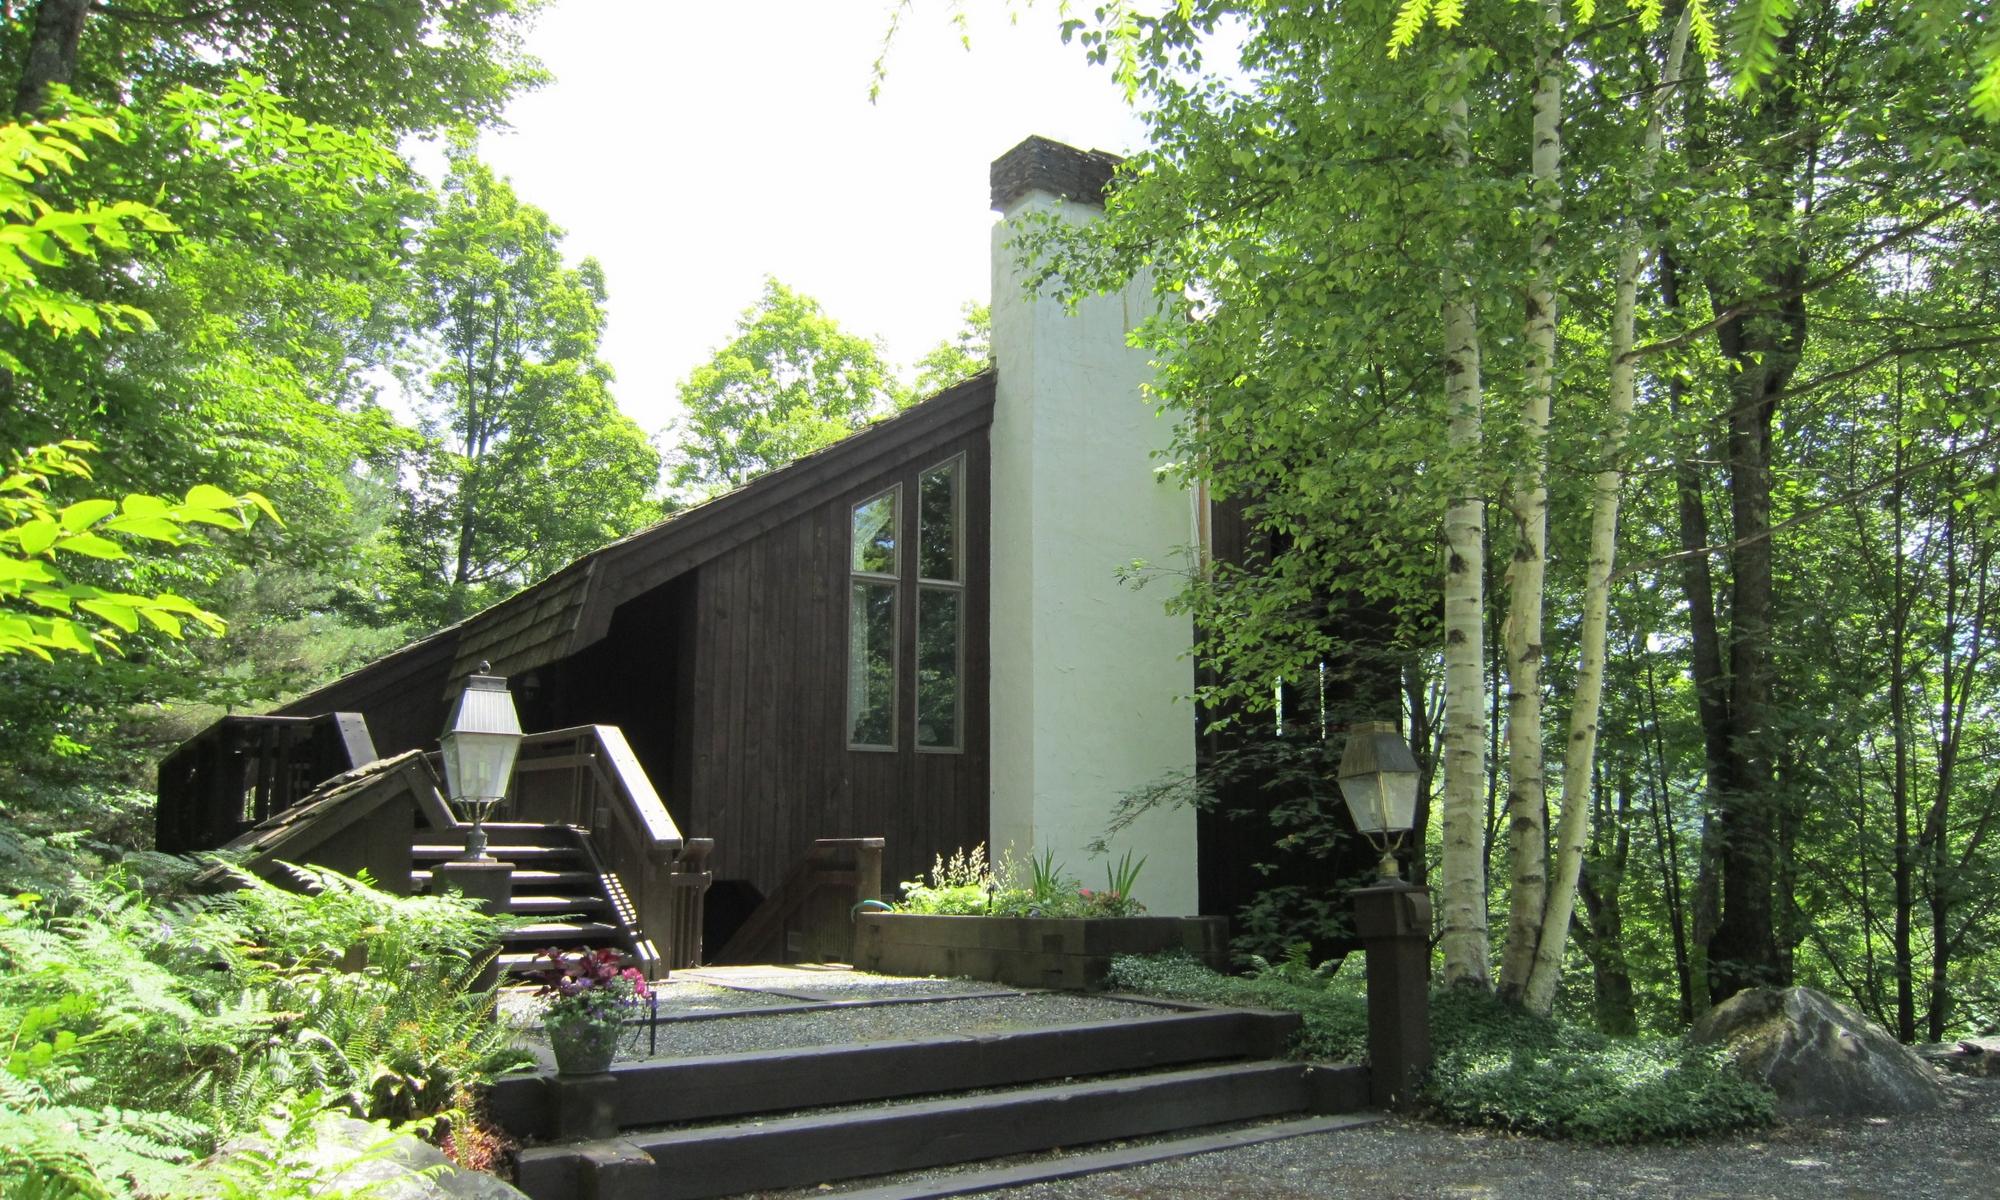 Casa Unifamiliar por un Venta en Salt Ash at Hawk 1343 Salt Ash Rd Plymouth, Vermont, 05056 Estados Unidos